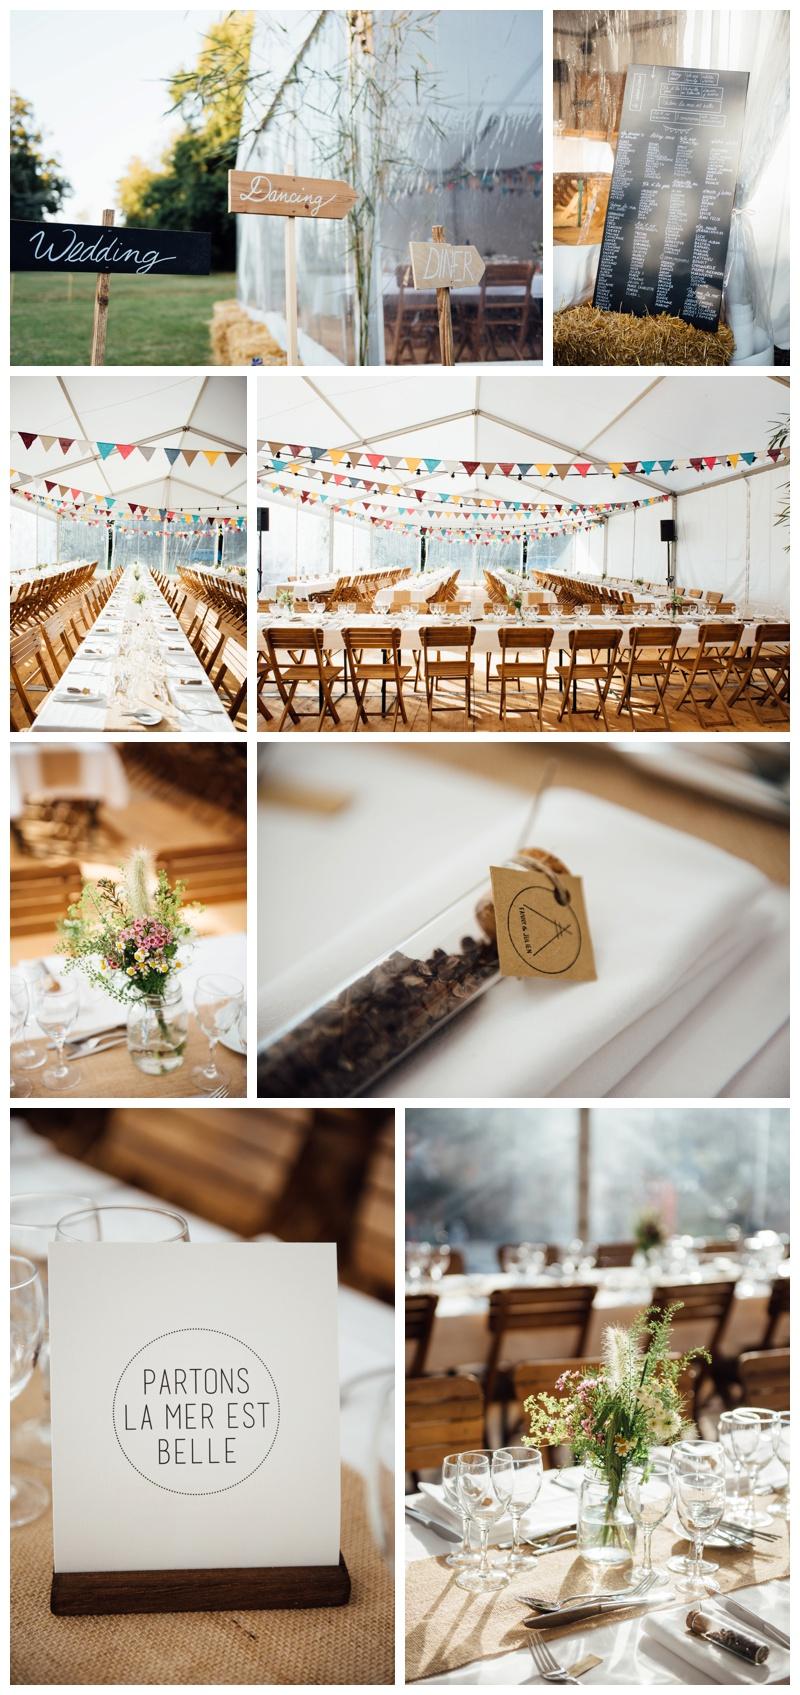 reportage mariage nantes boheme chic blog mariage wedding champetre boho ceremonie laiquerhone alpes isere annecy suisse 035